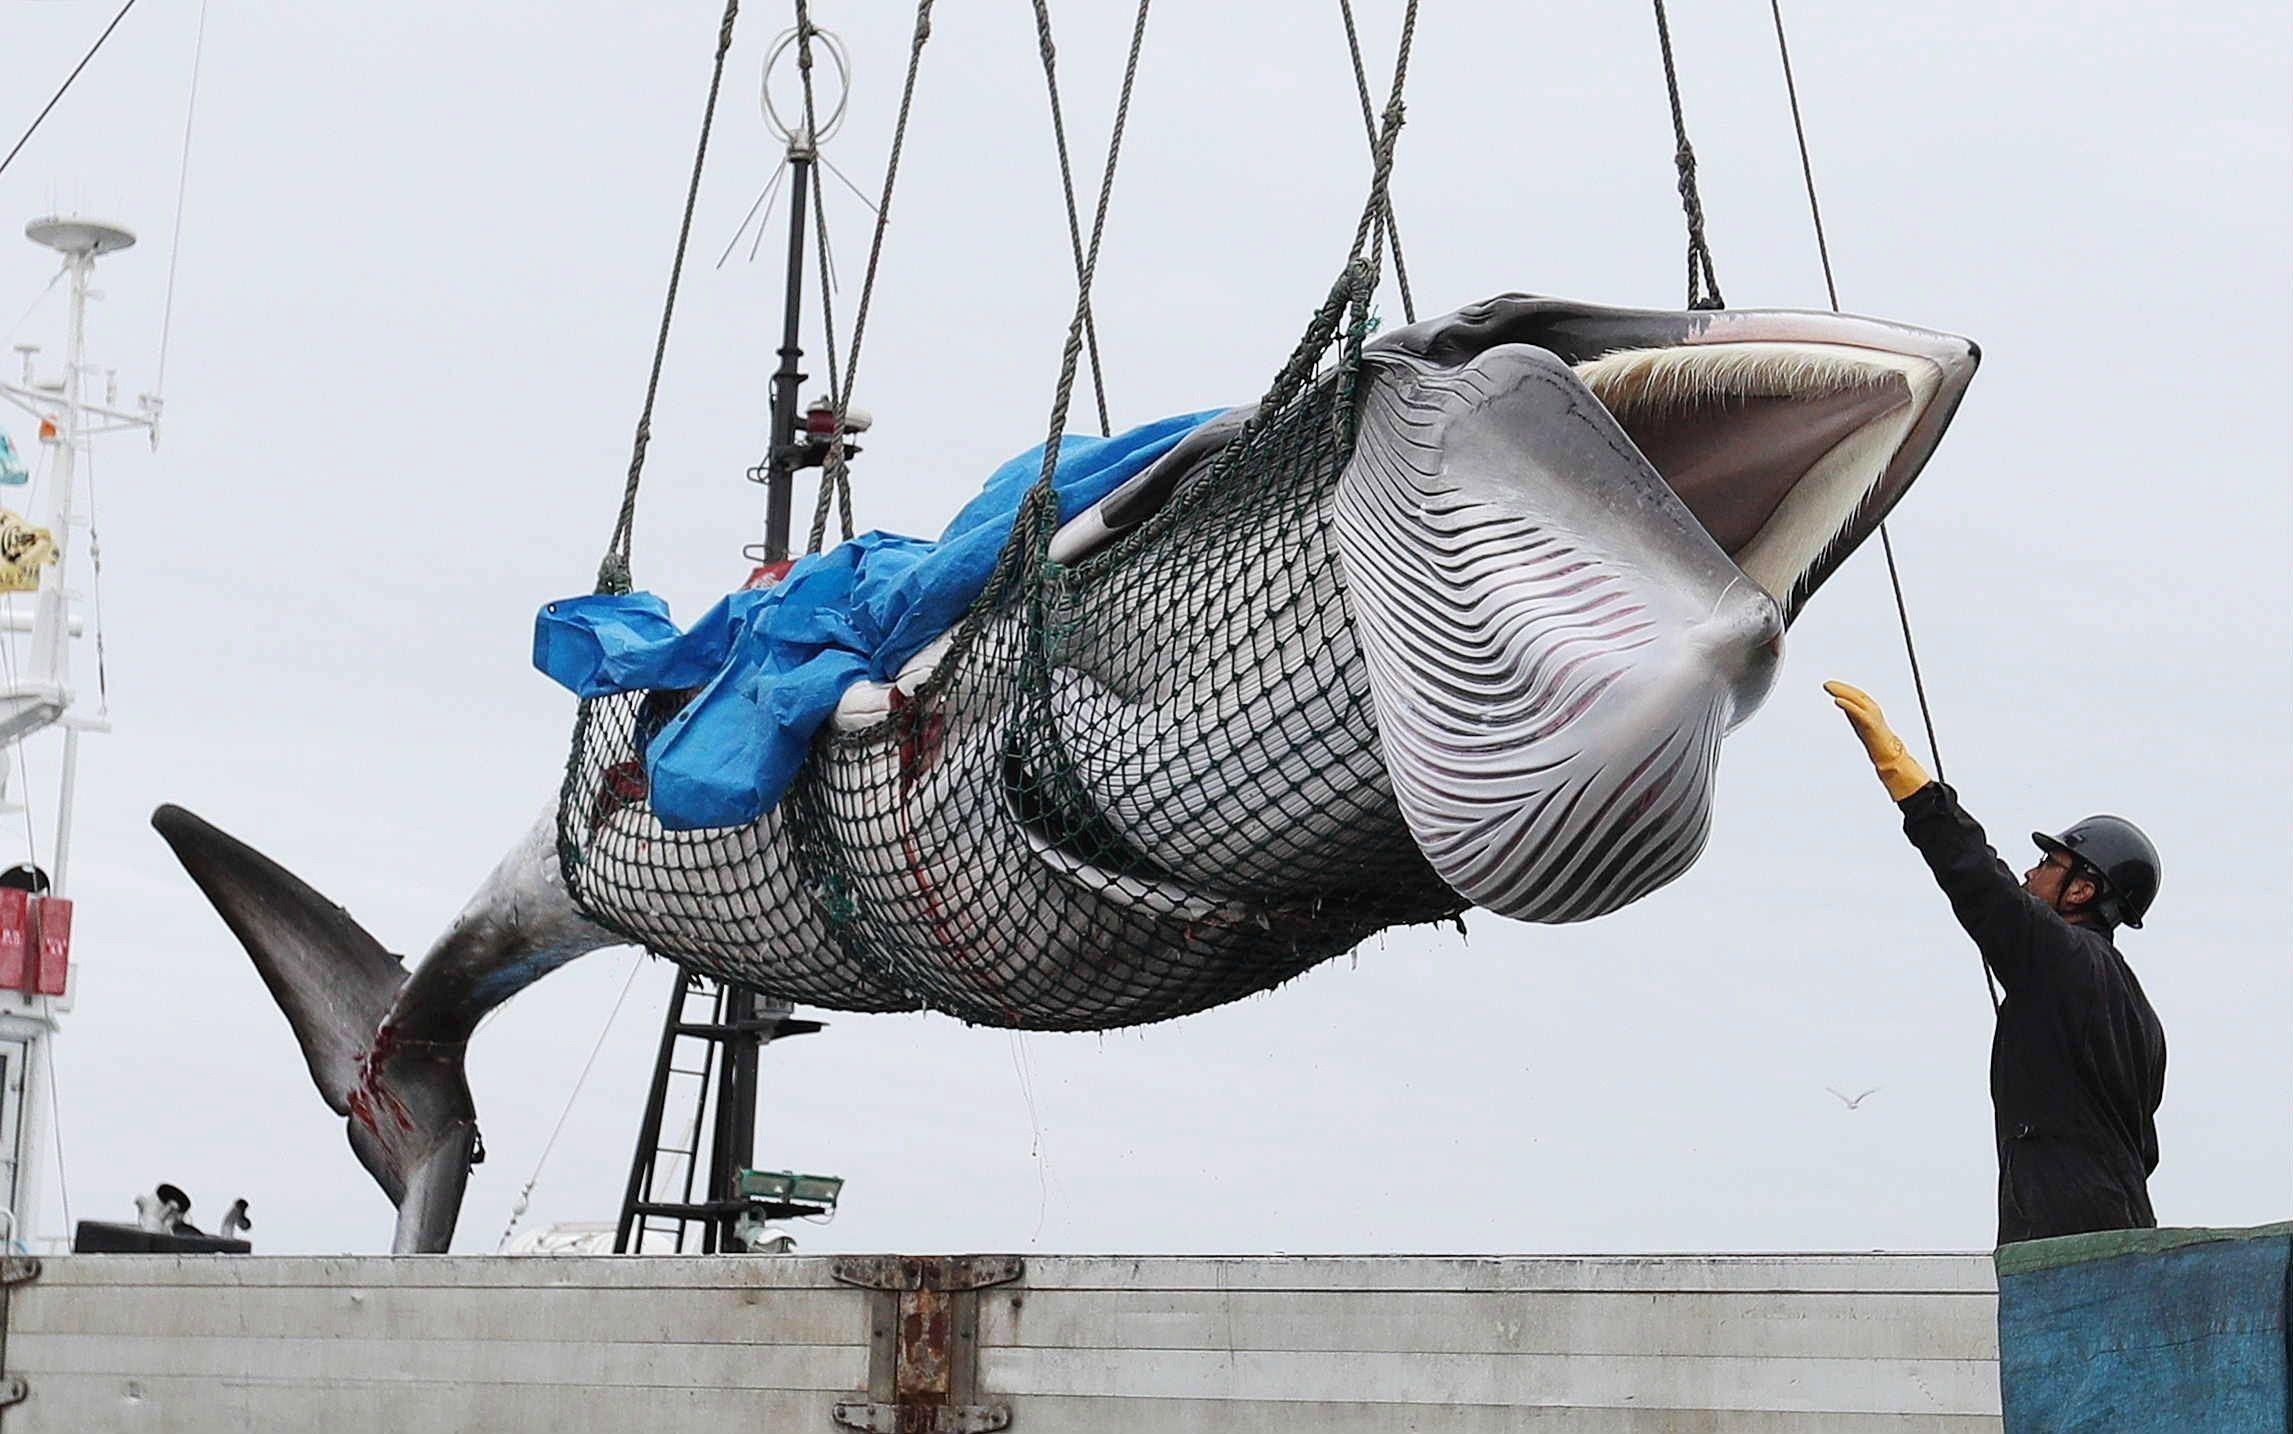 Japón vuelve a cazar ballenas con fines comerciales luego de más de 30 años de interrupción